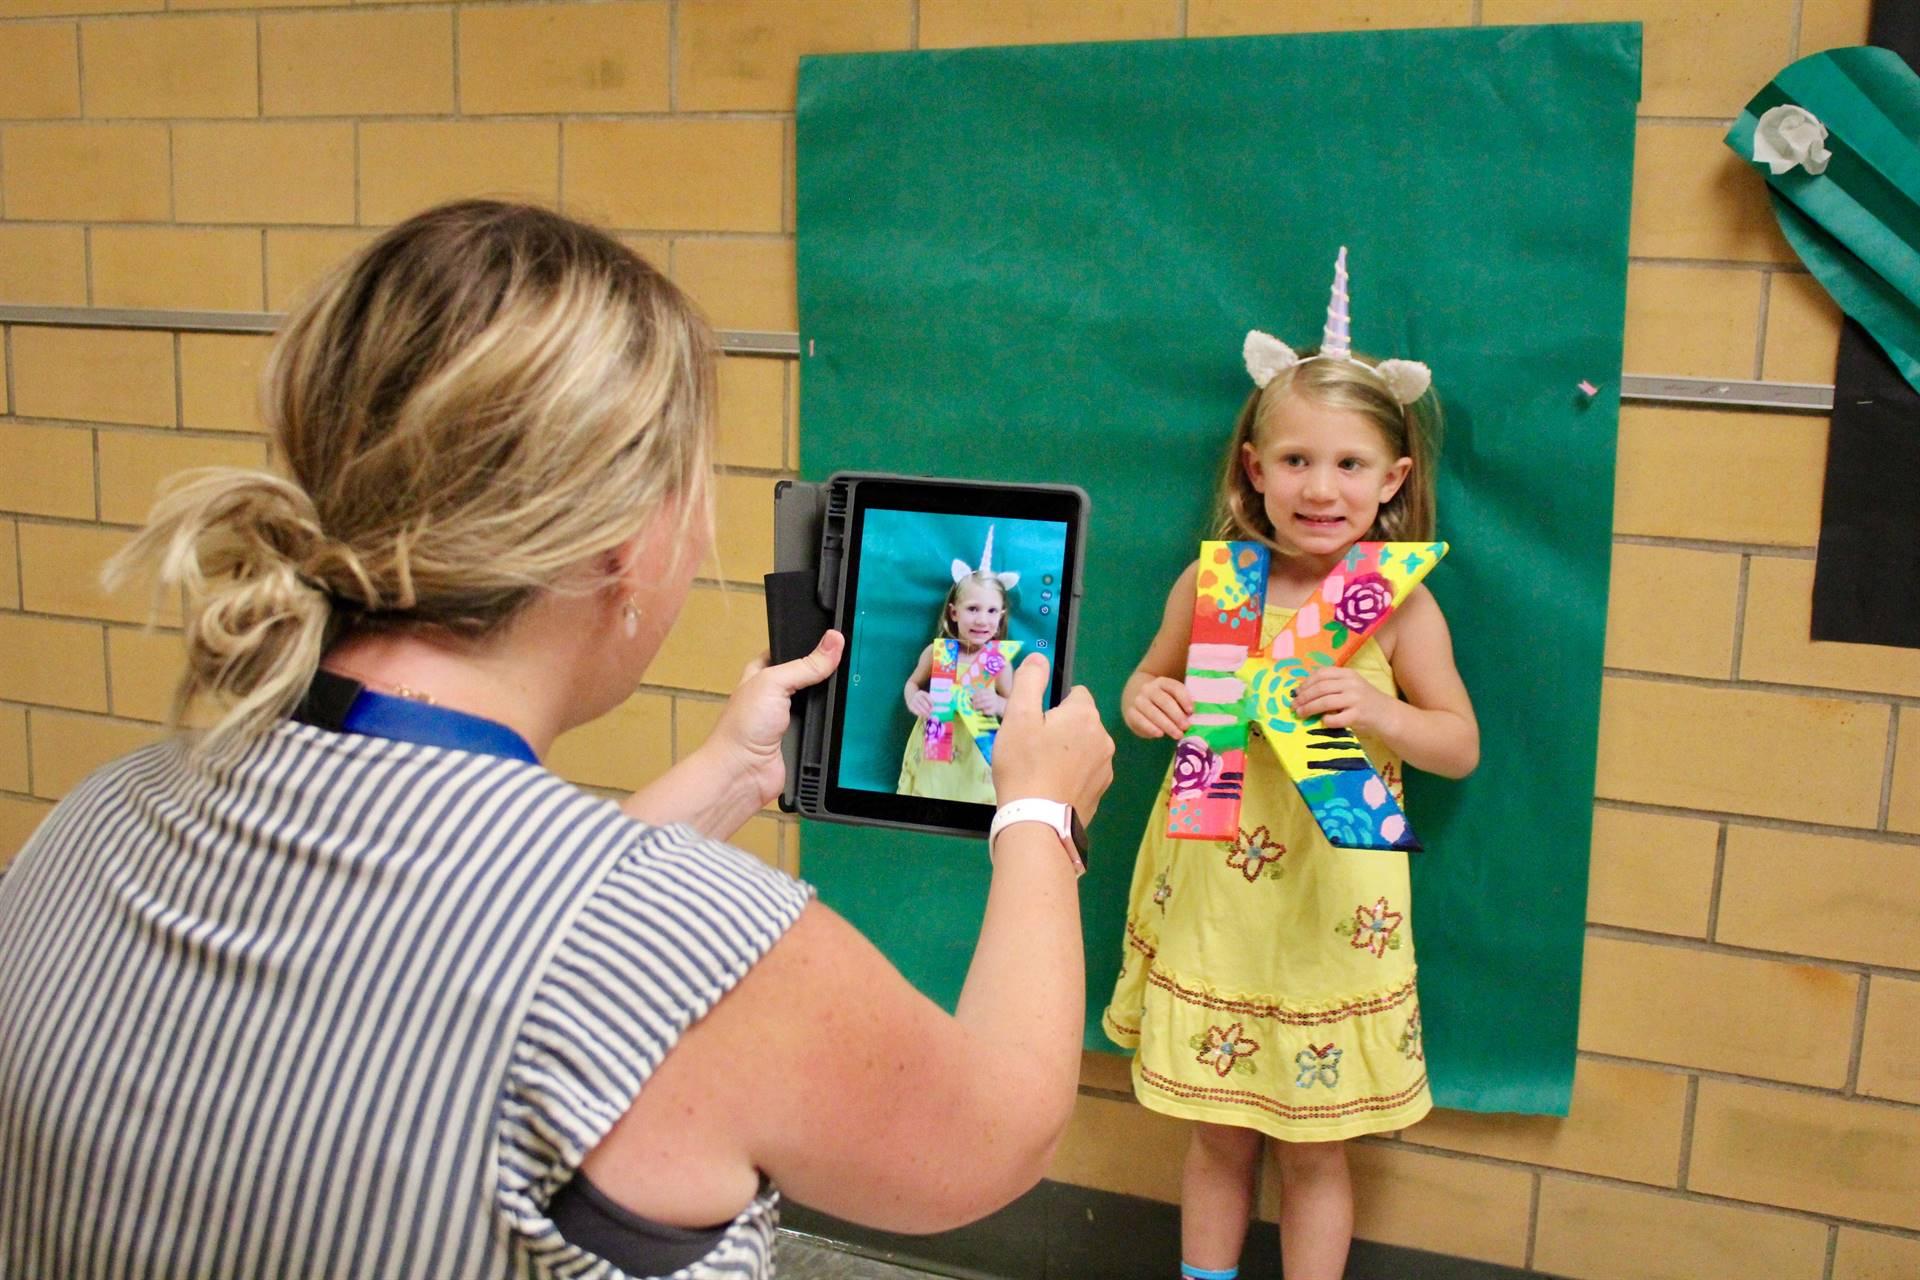 First day of kindergarten photo